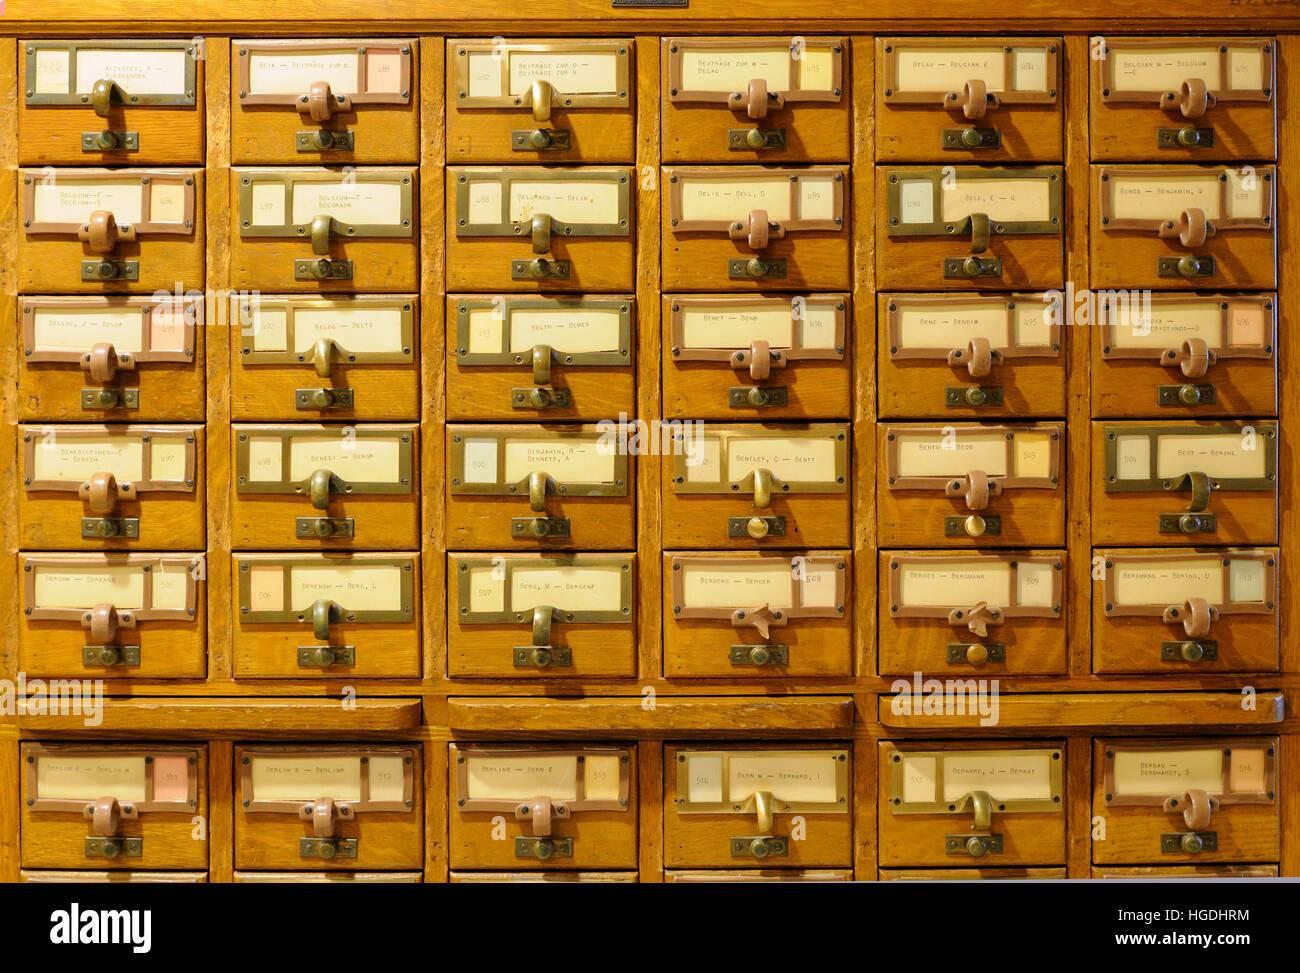 Antica biblioteca catalogo scheda cassetti Immagini Stock